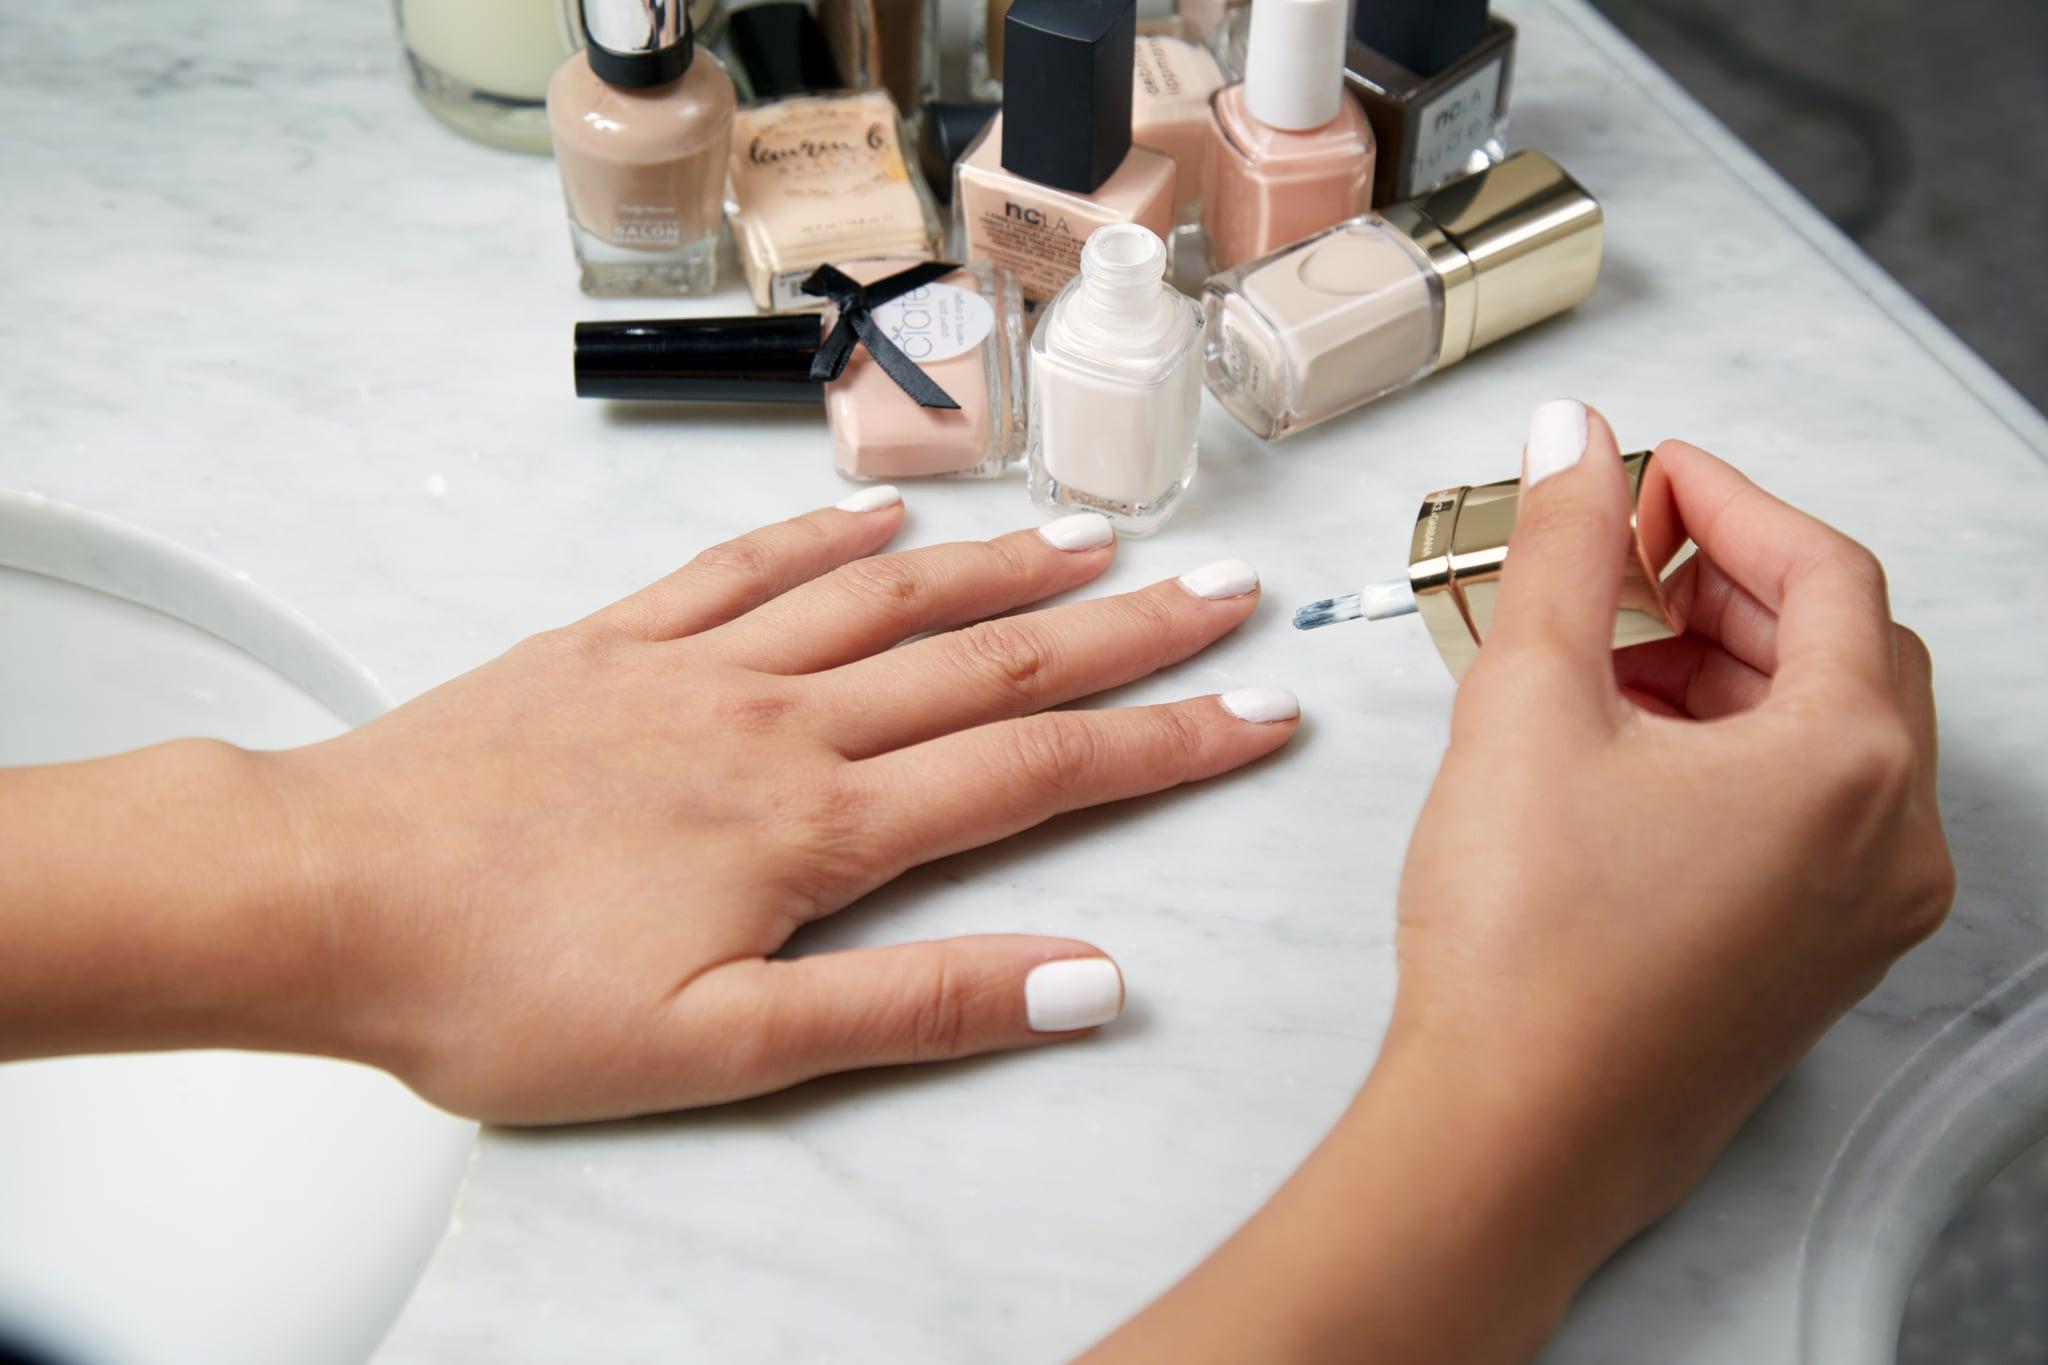 Why Do I Bite My Nails? | POPSUGAR Beauty Australia